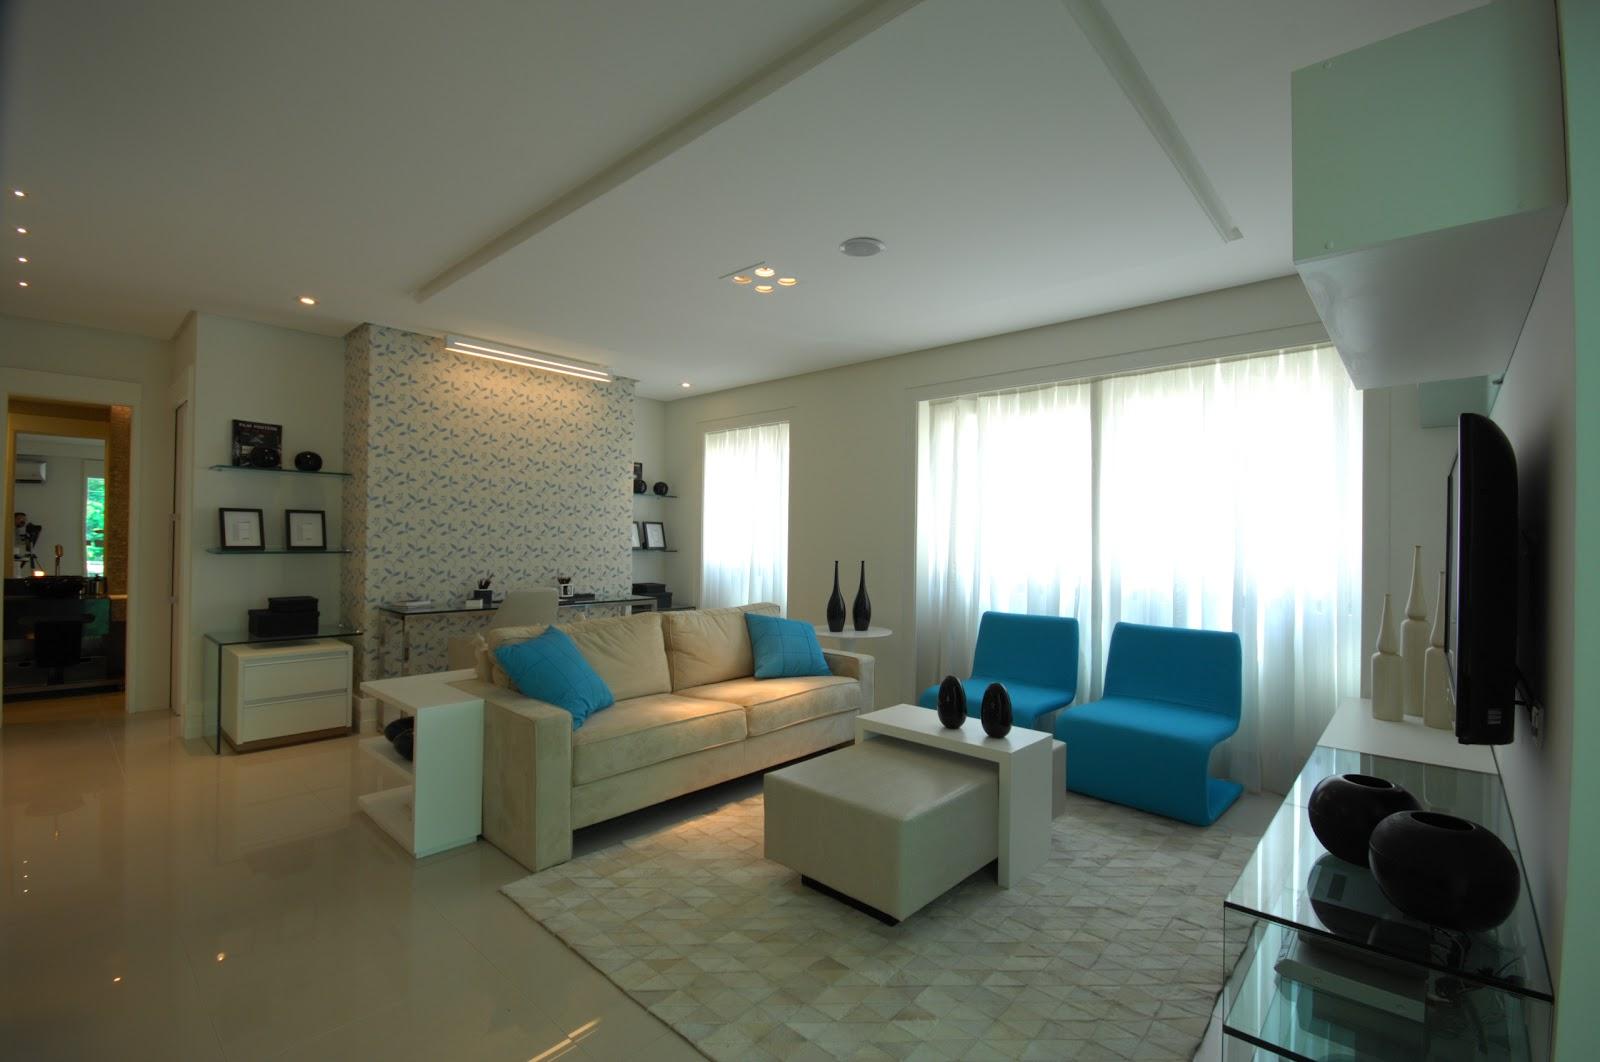 decoracao de apartamentos pequenos simples : decoracao de apartamentos pequenos simples:Como decorar casa ou apartamentos pequenos de forma simples